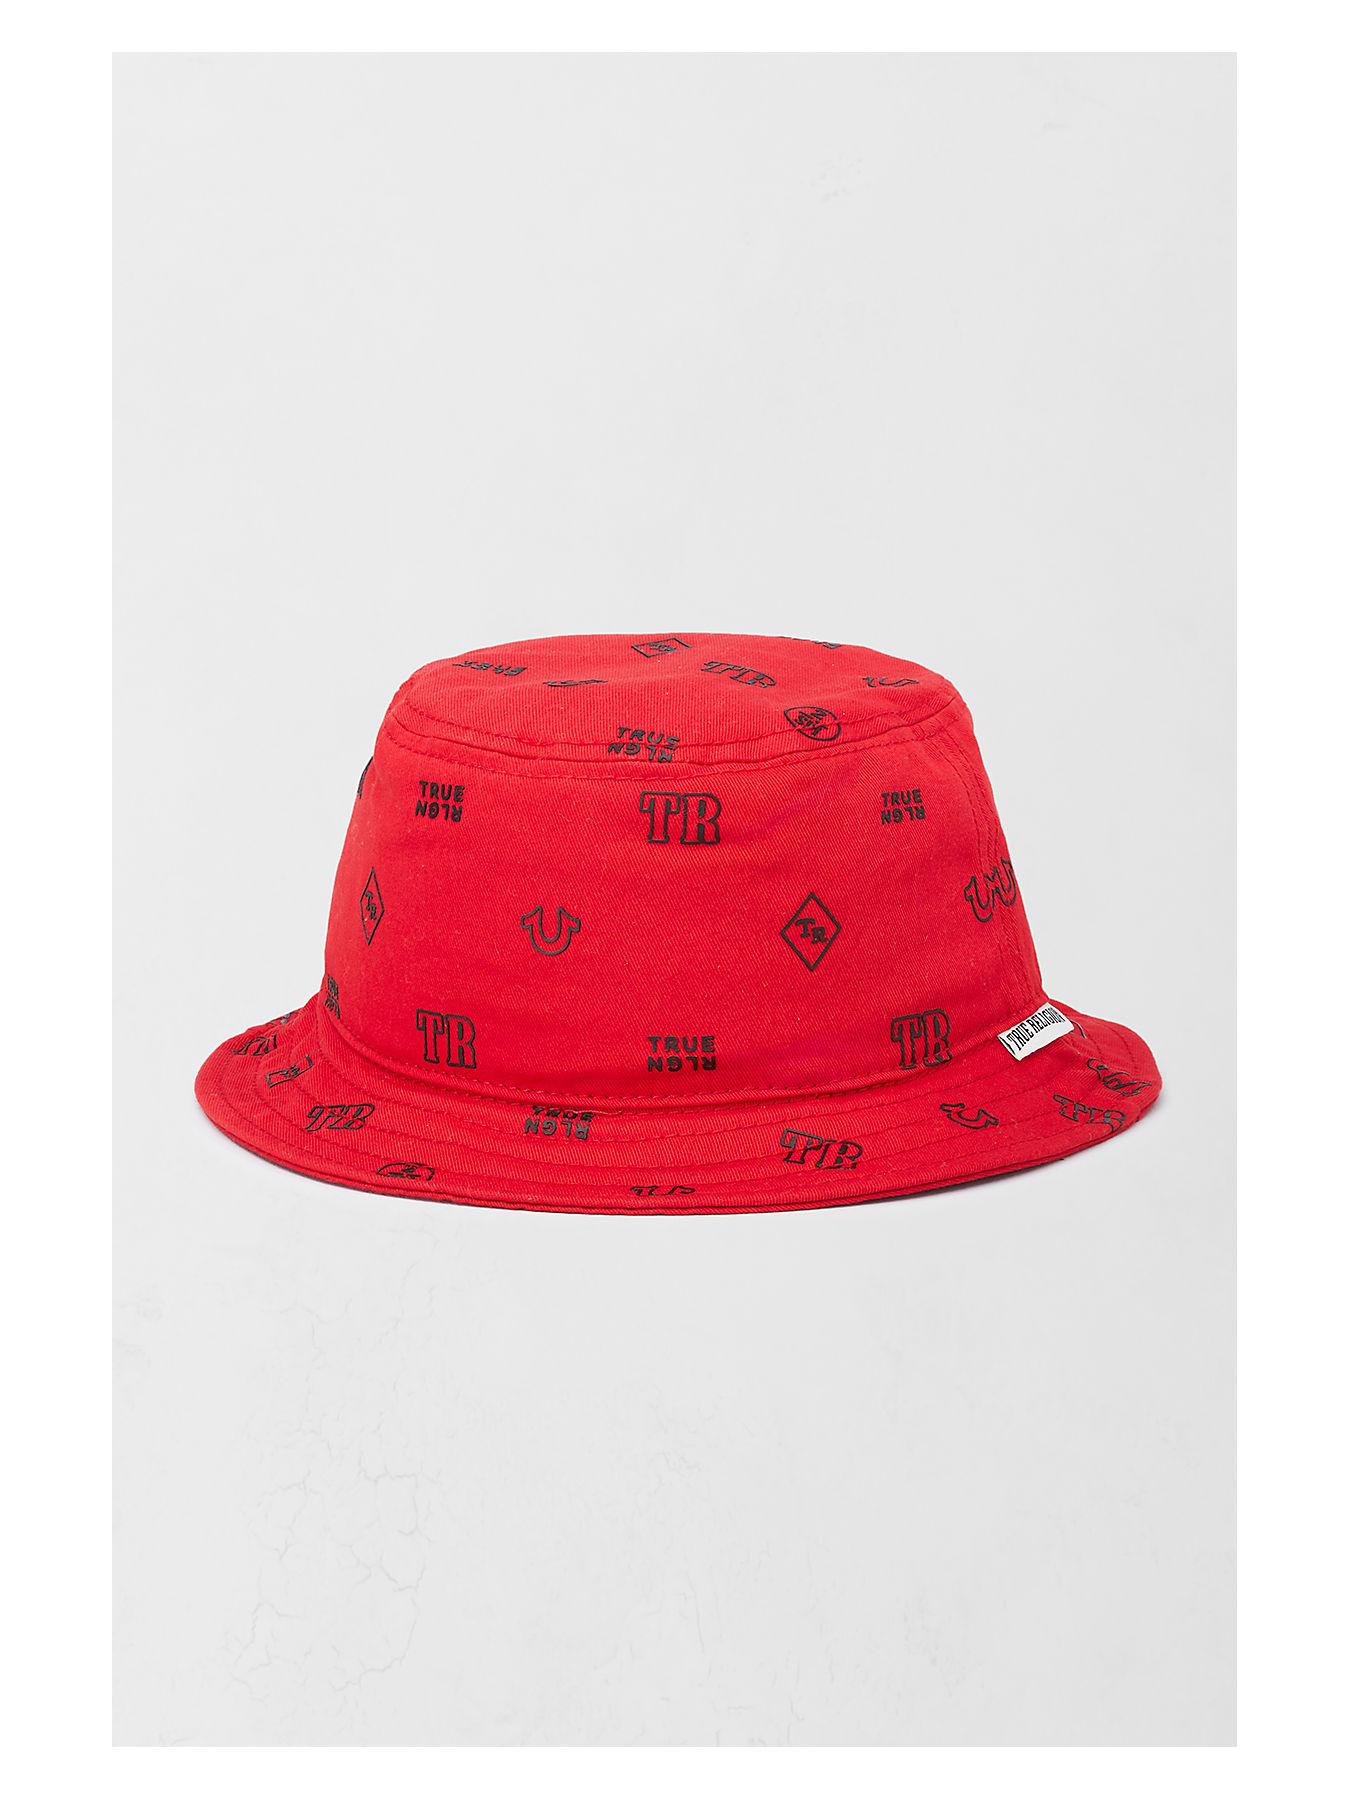 dd770770ae402 Men s Bucket Hat - True Religion